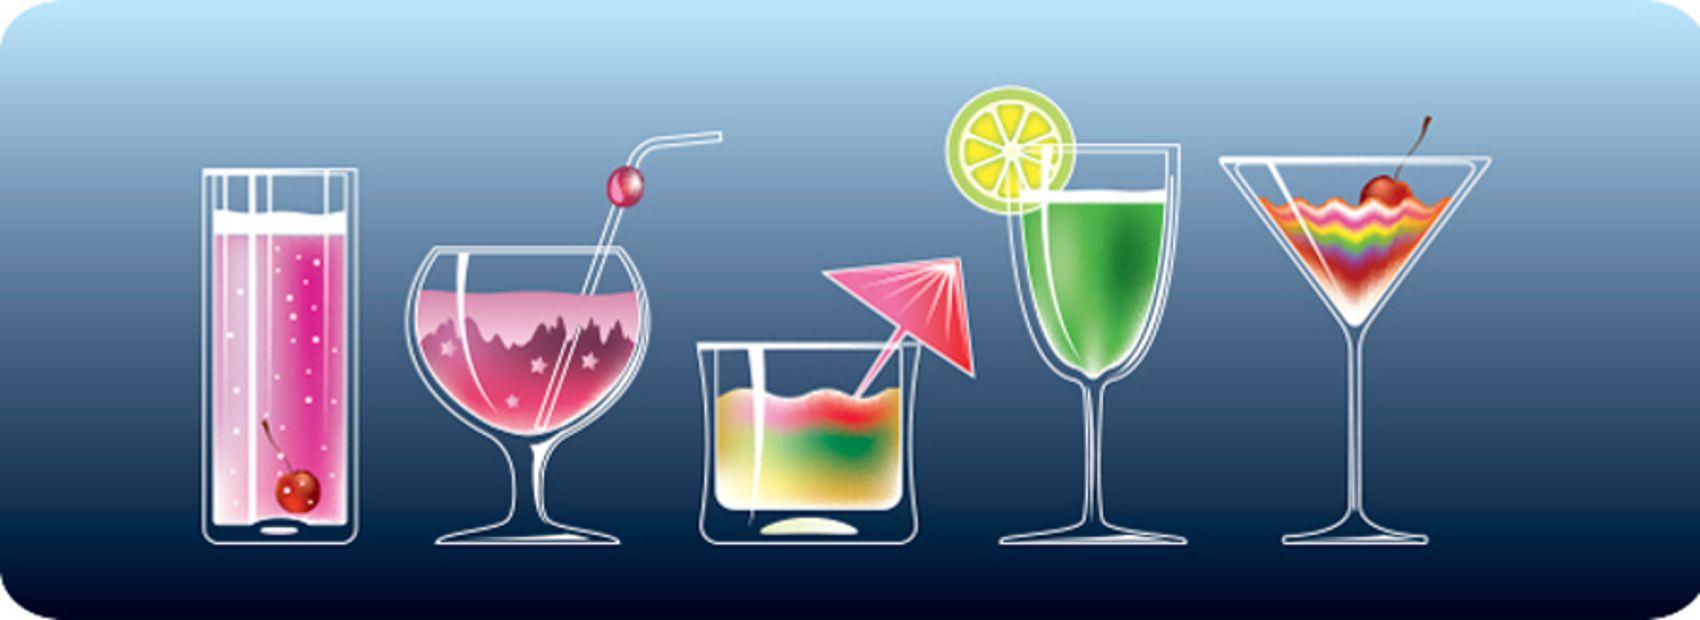 Напитки на синем фо